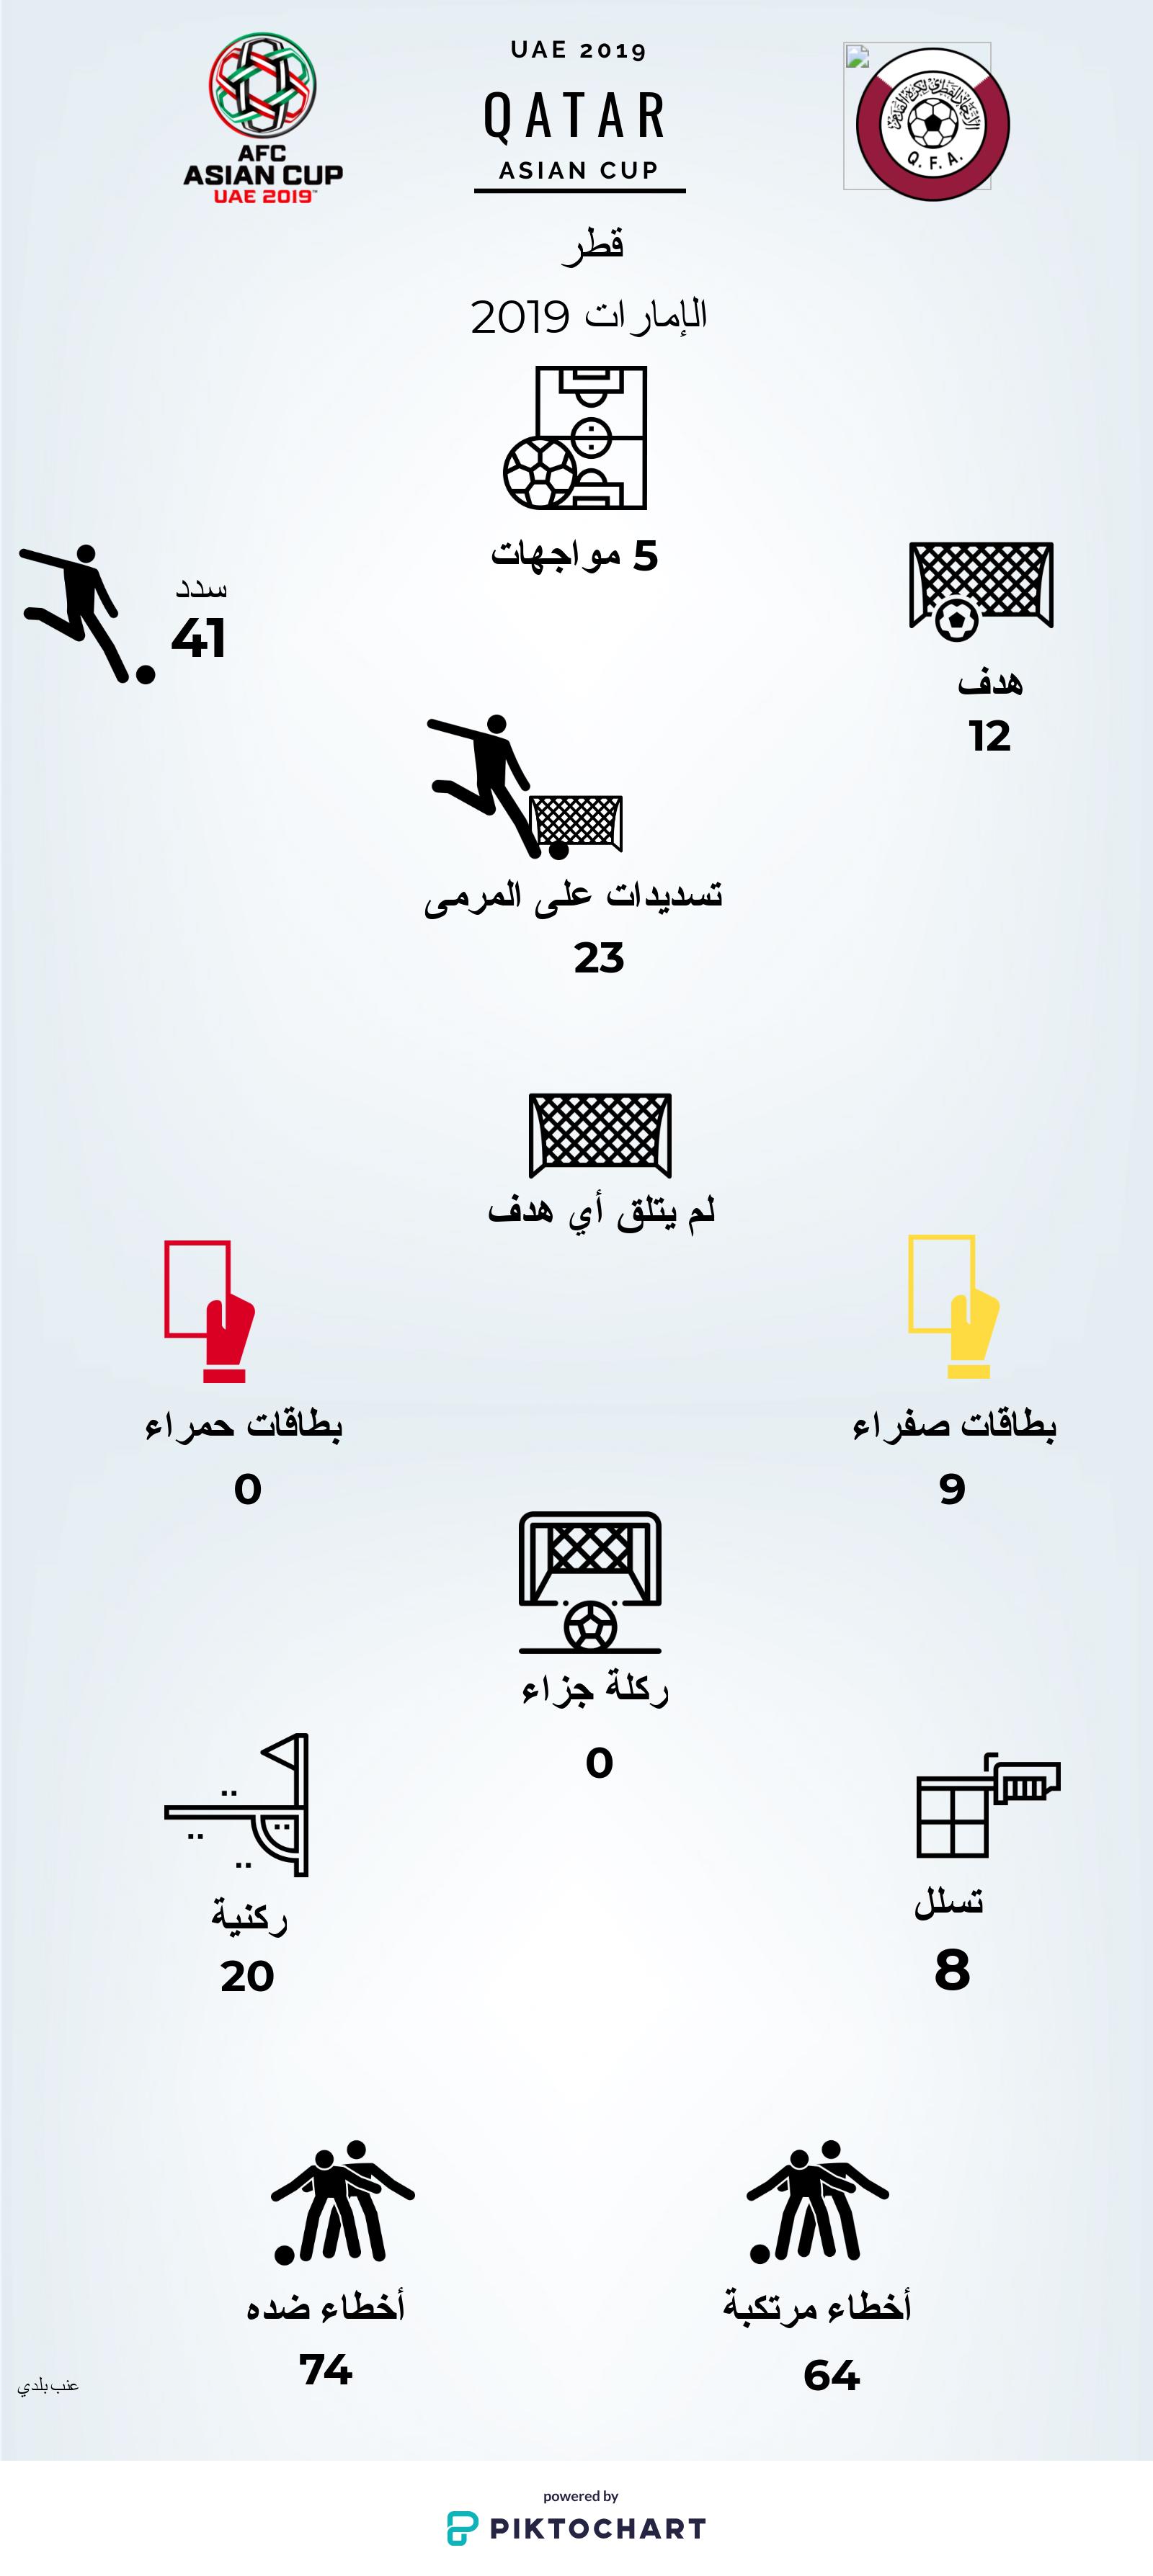 إحصائيات المنتخب القطري في كأس أمم آسيا 2019 (عنب بلدي)